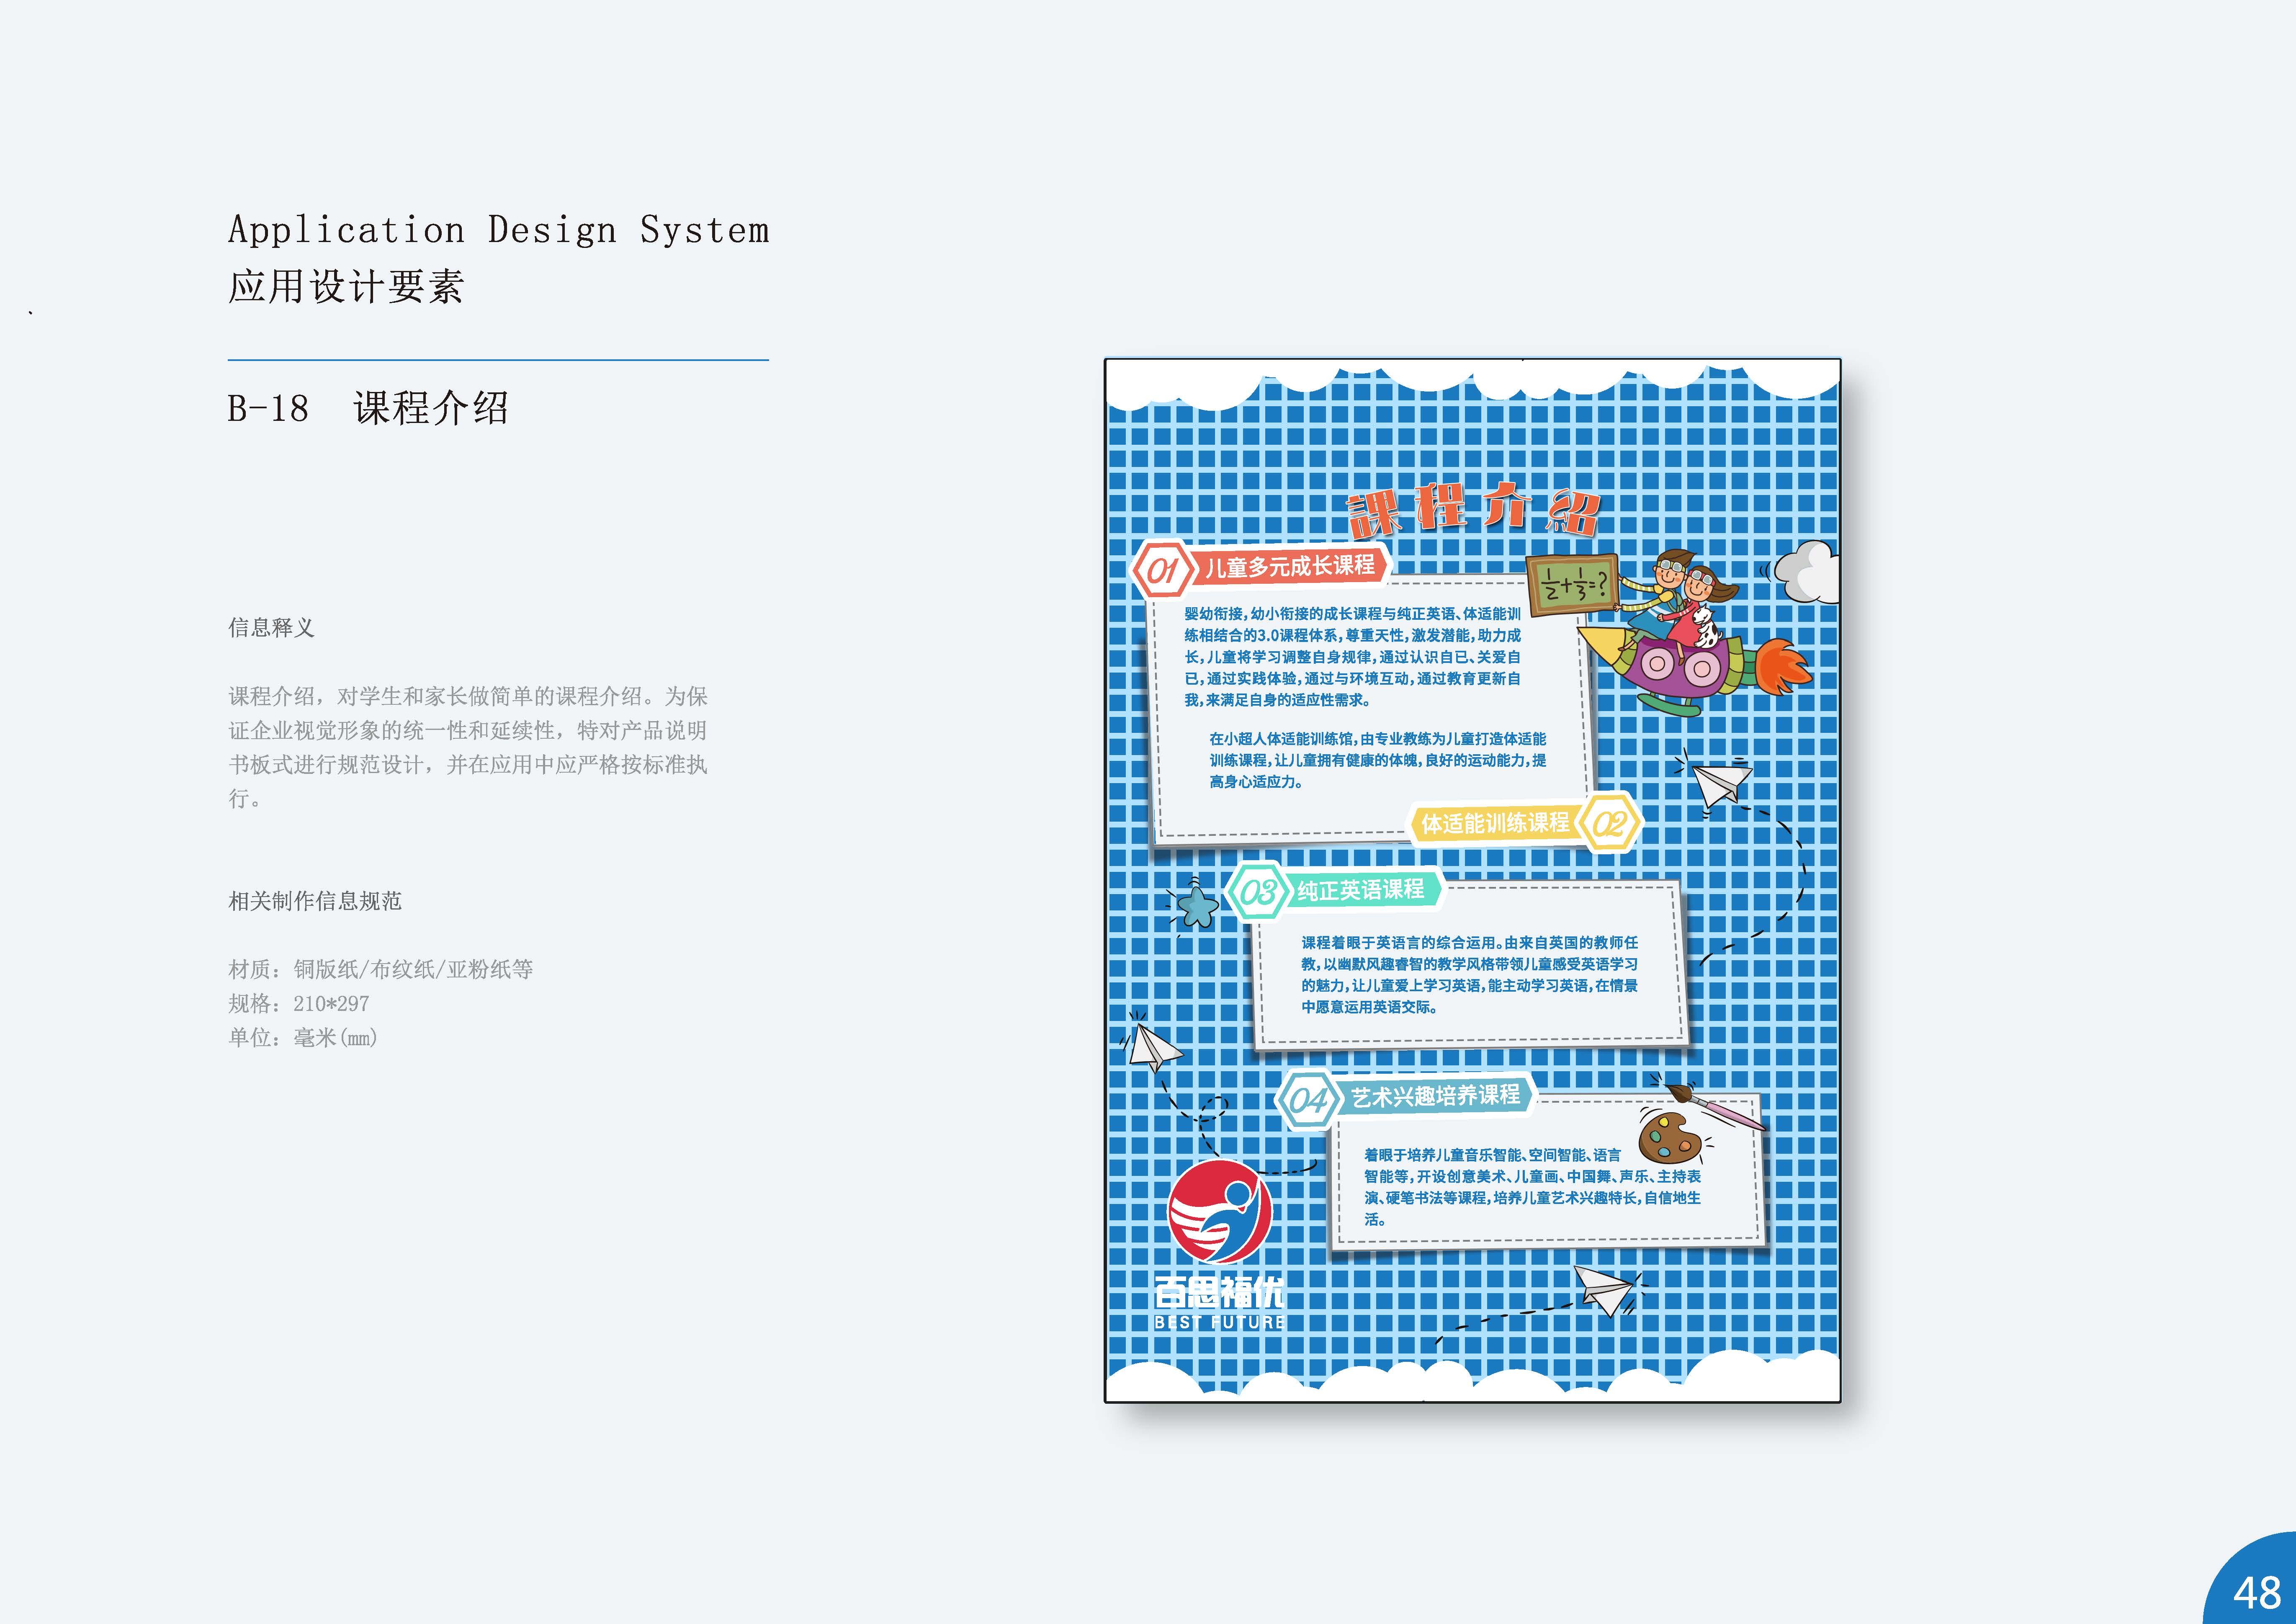 VI_頁面_49.jpg